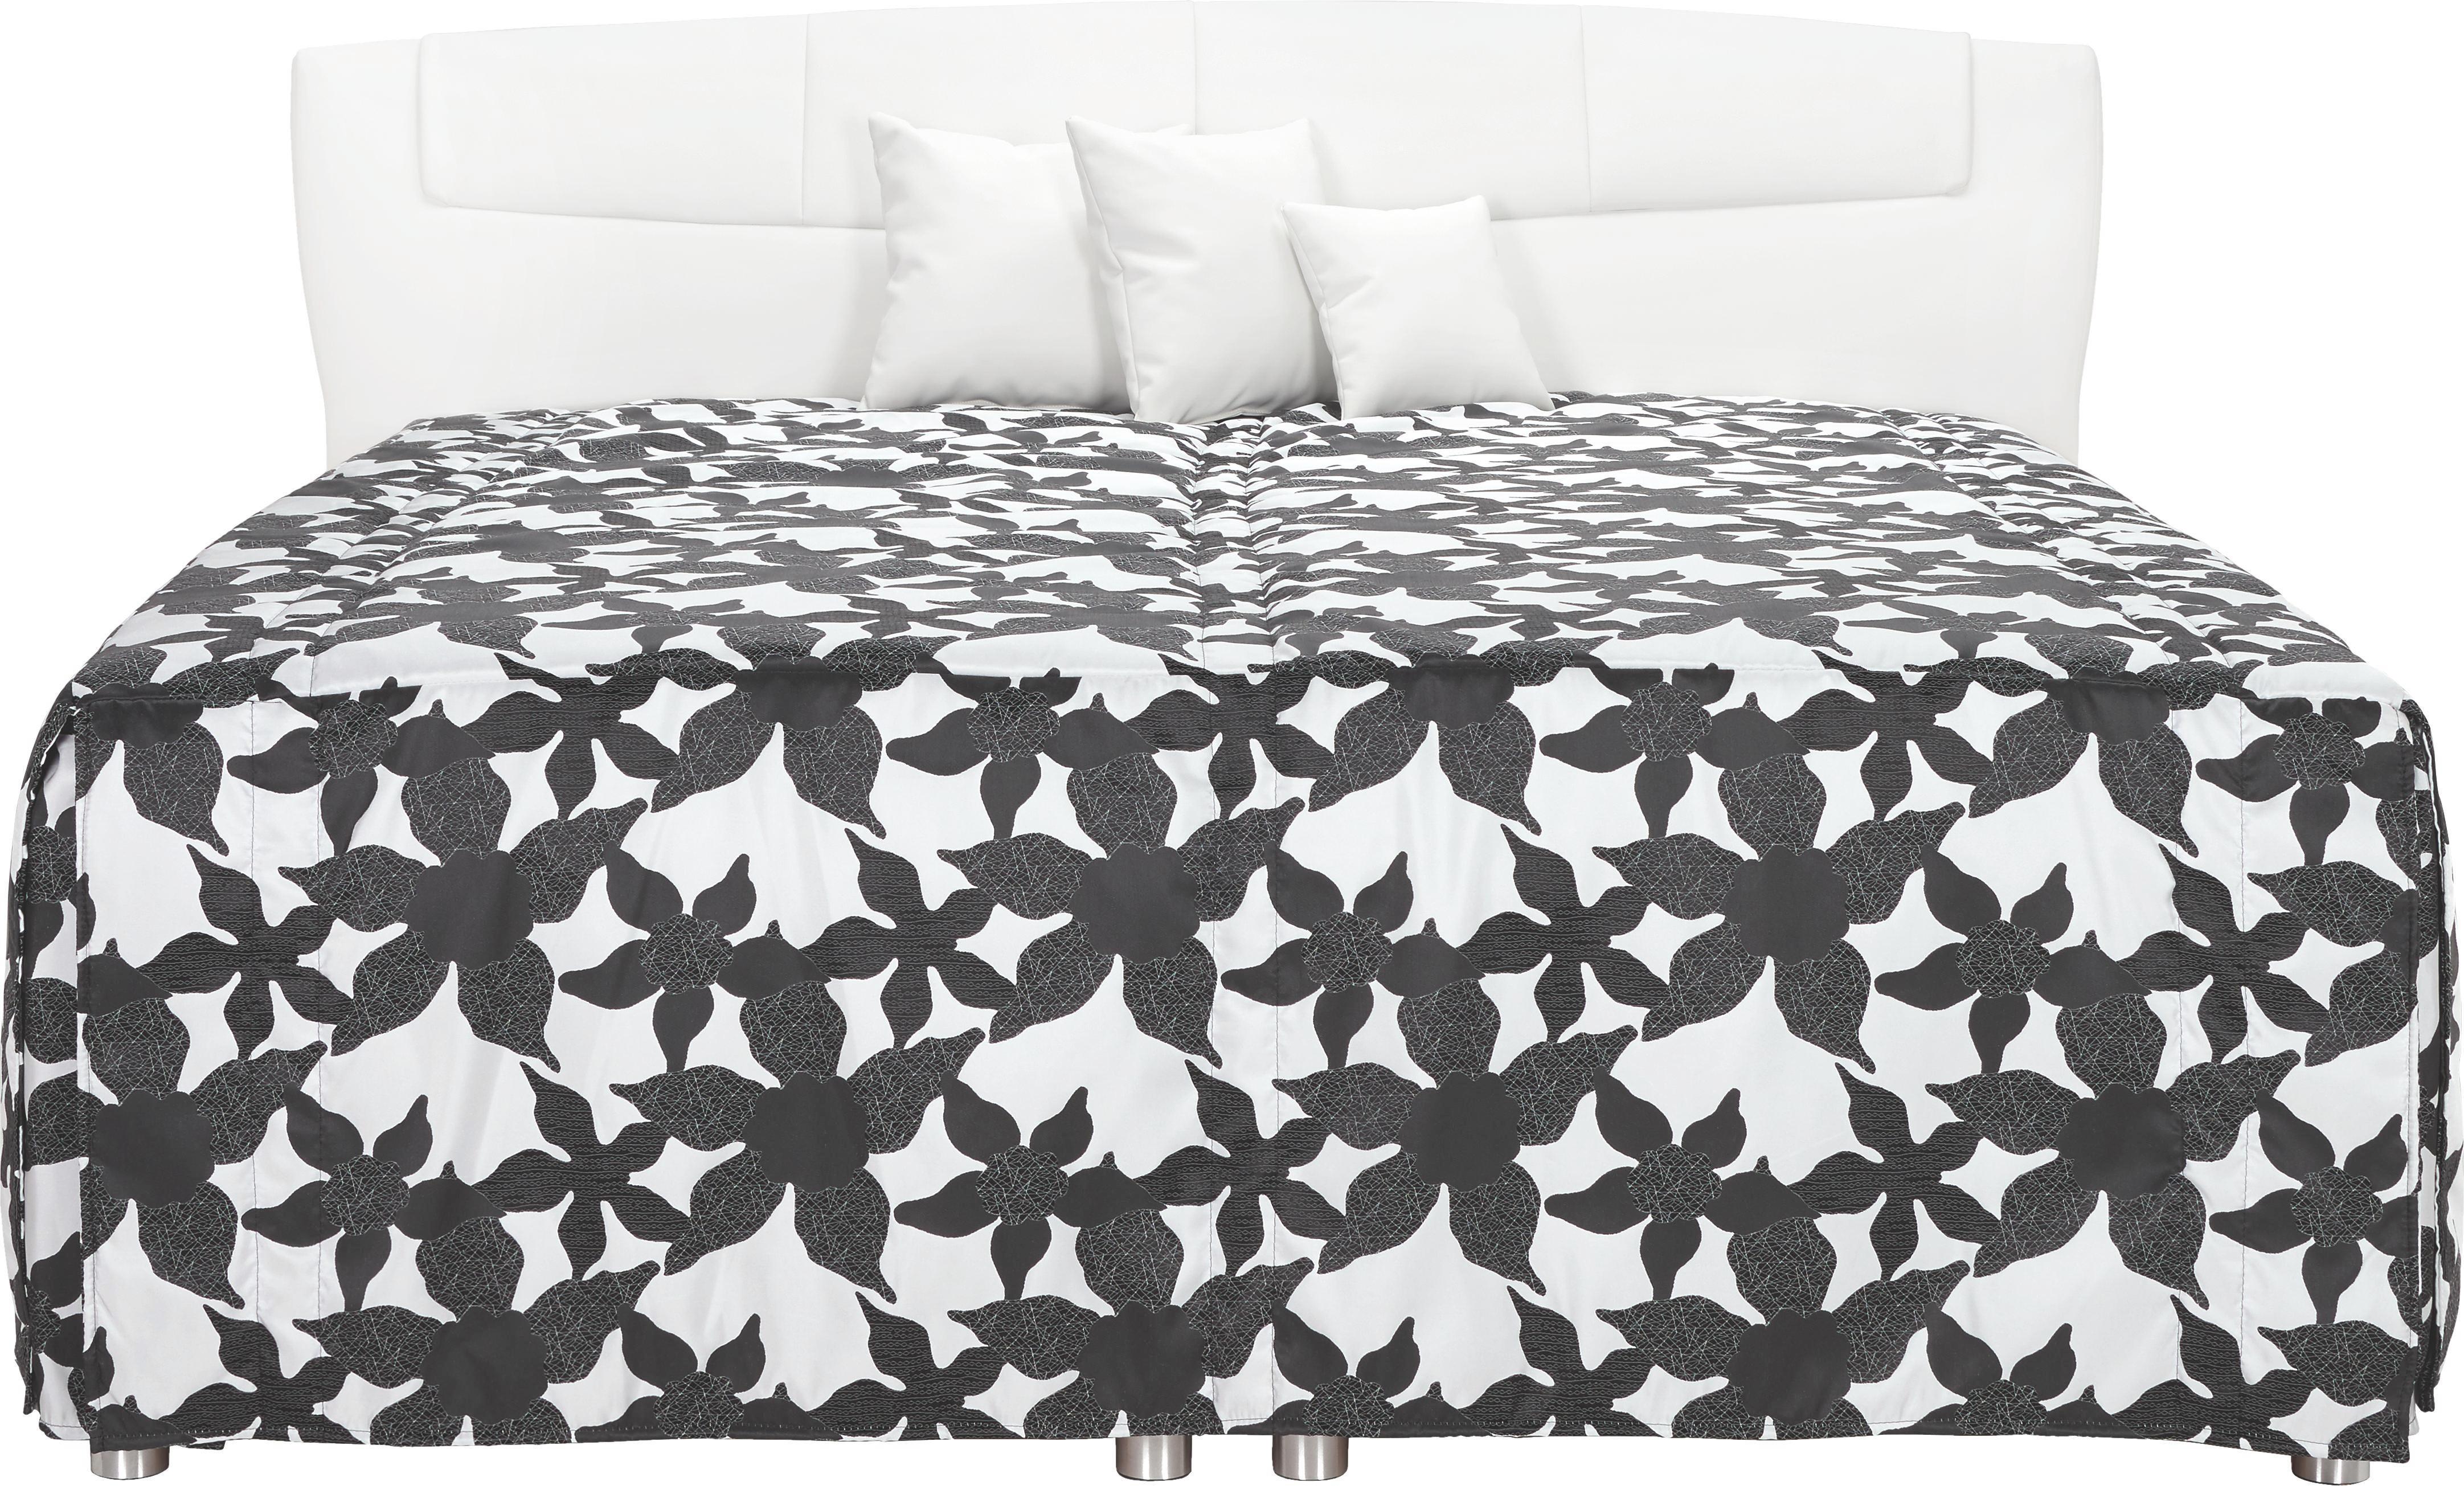 POLSTERBETT Lederlook 200/200 cm - Schwarz/Weiß, KONVENTIONELL, Textil (200/200cm) - ESPOSA